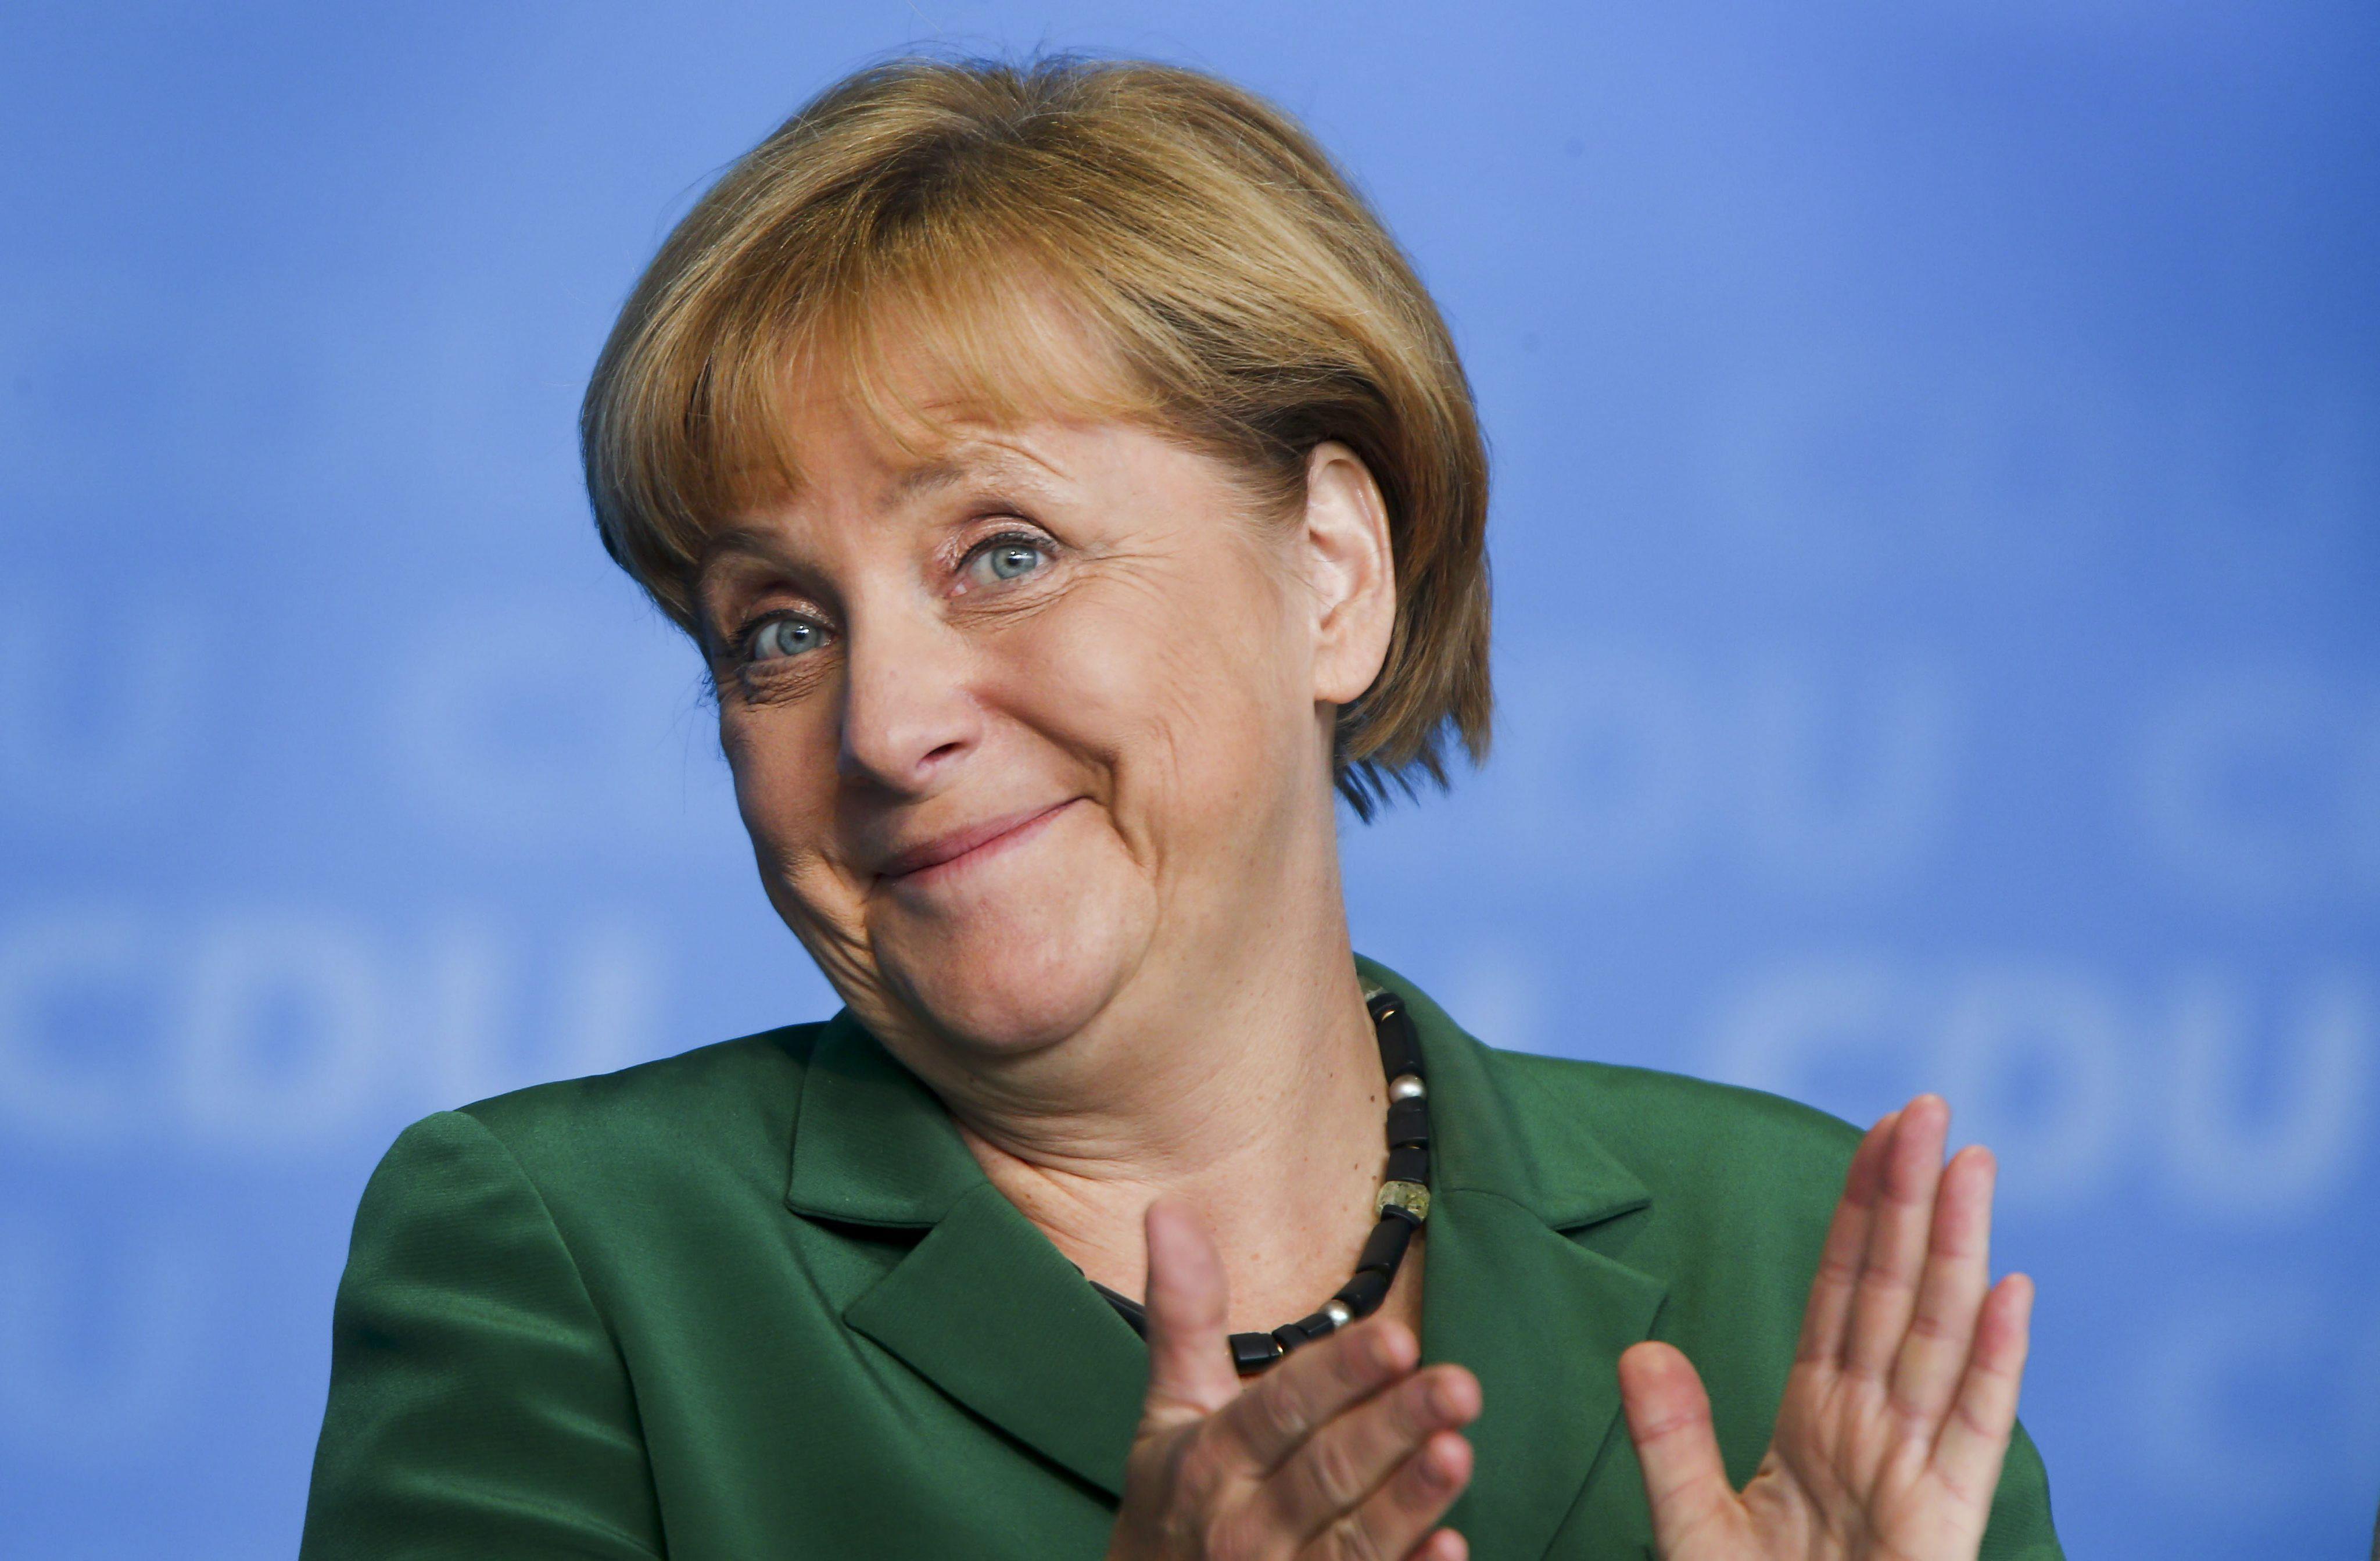 Merkel asegura que no hay indicios de que Asad usara químicos alemanes para sus armas